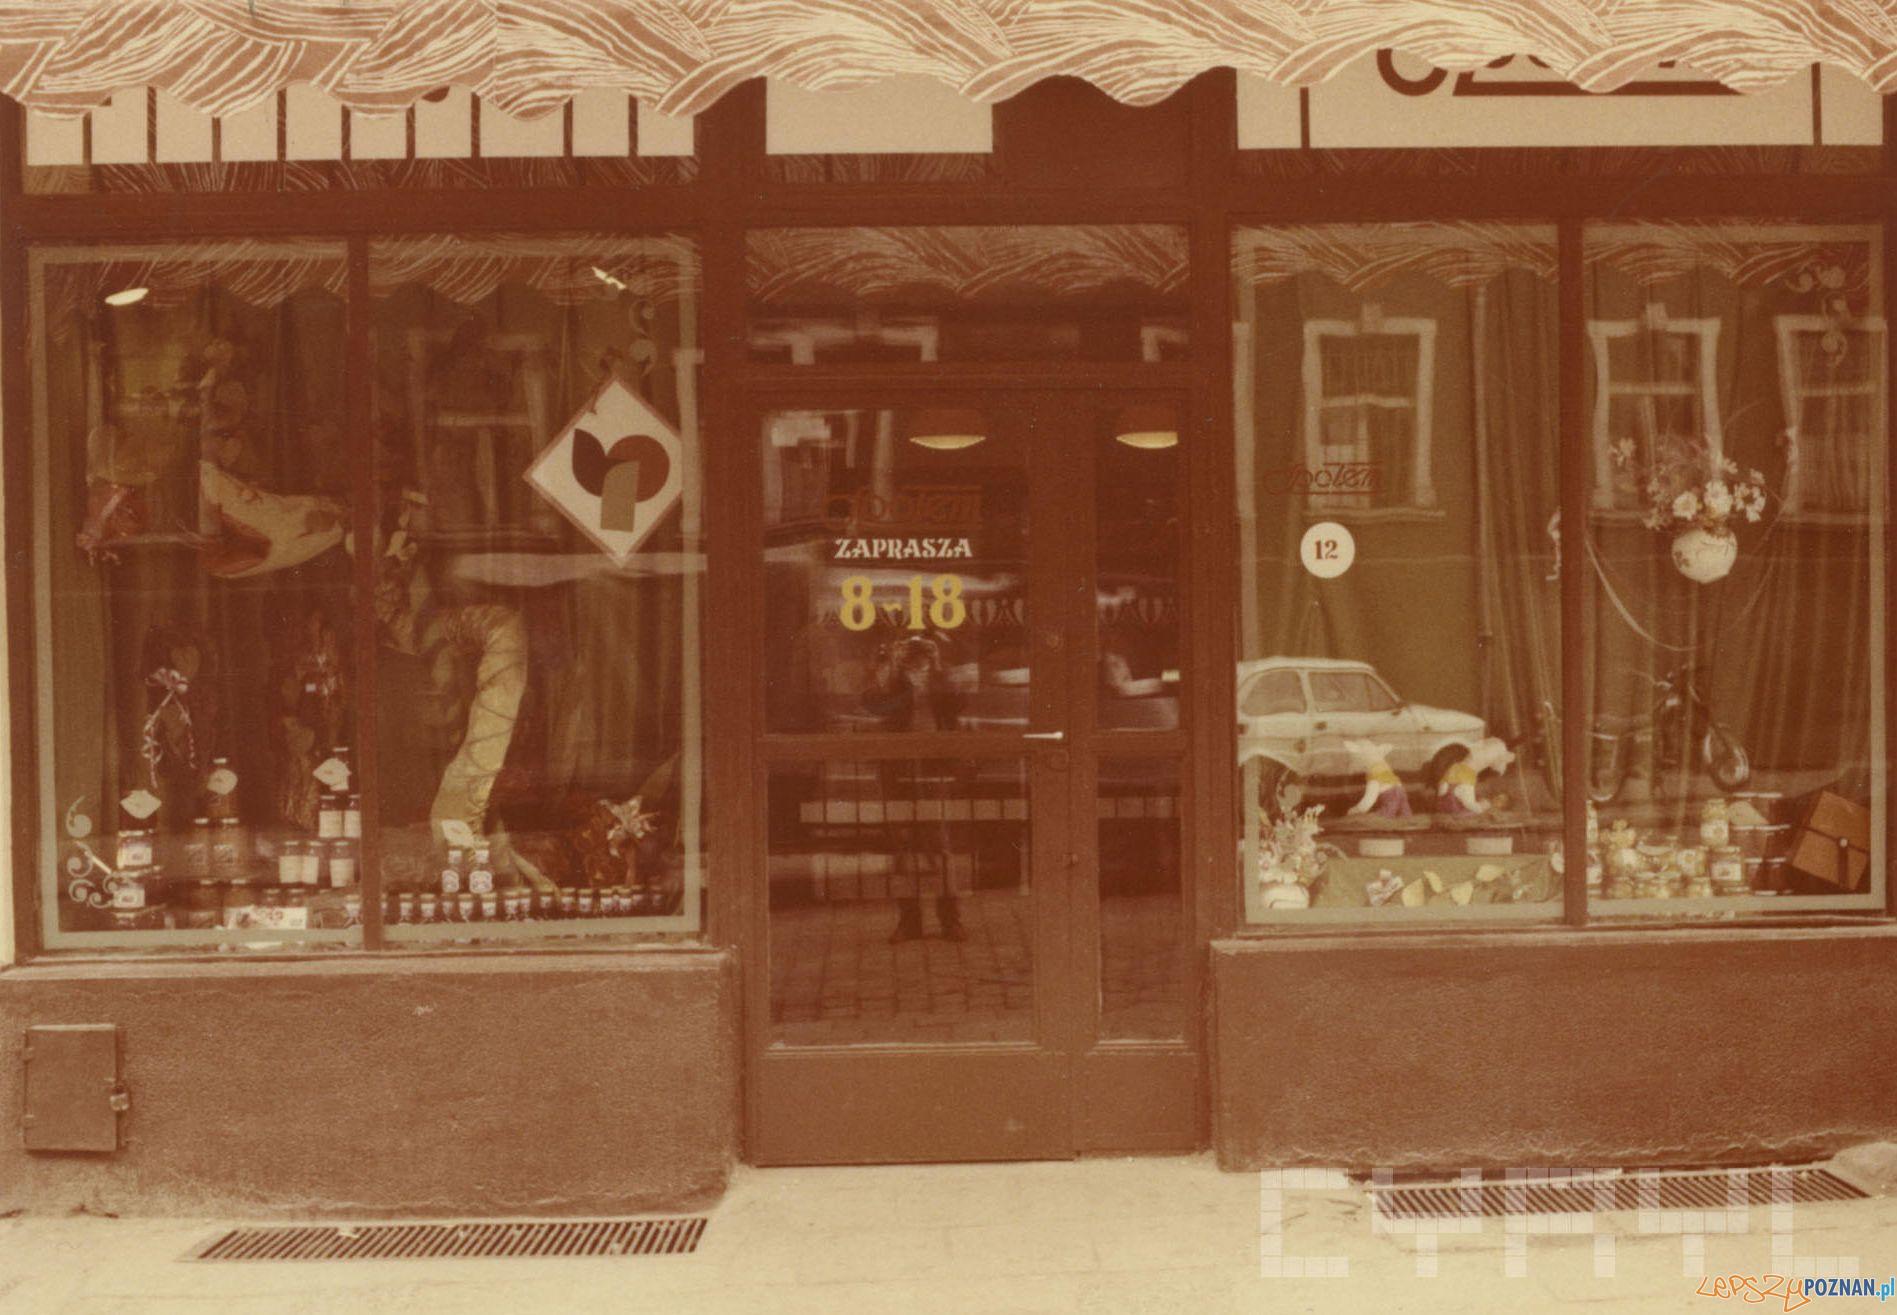 PSS Społem - sklep spożywczy przy ul. Szkolnej - 1989 r.  Foto: PSS Społem / Cyryl